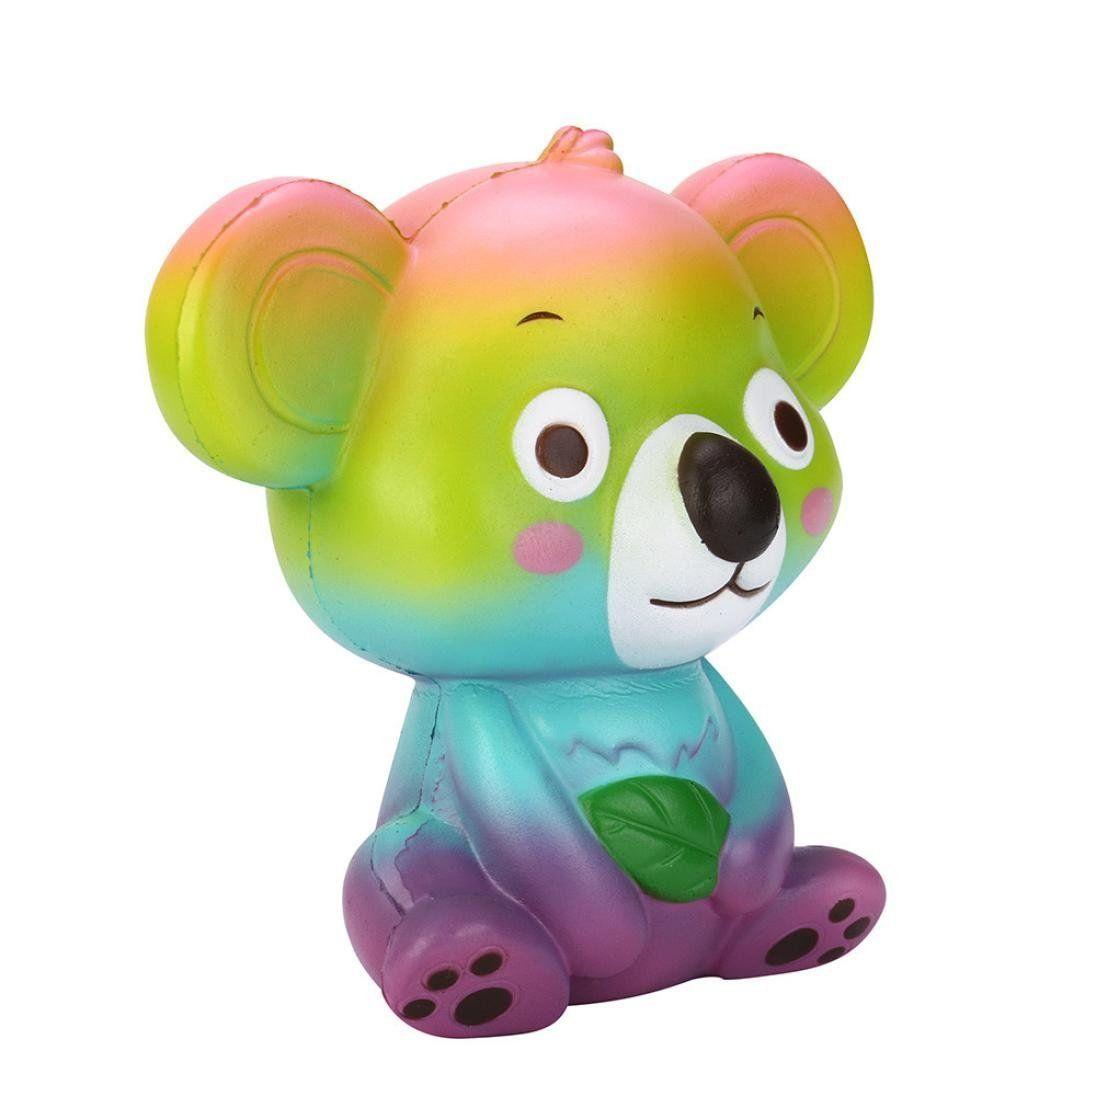 Mignon Koala Visqueux Téléphone Bretelles Lente Hausse Jouet Crème Parfumée Squeeze Téléphone Décor Enfants Jouets Cadeau Anti-Stress Fun Squishies